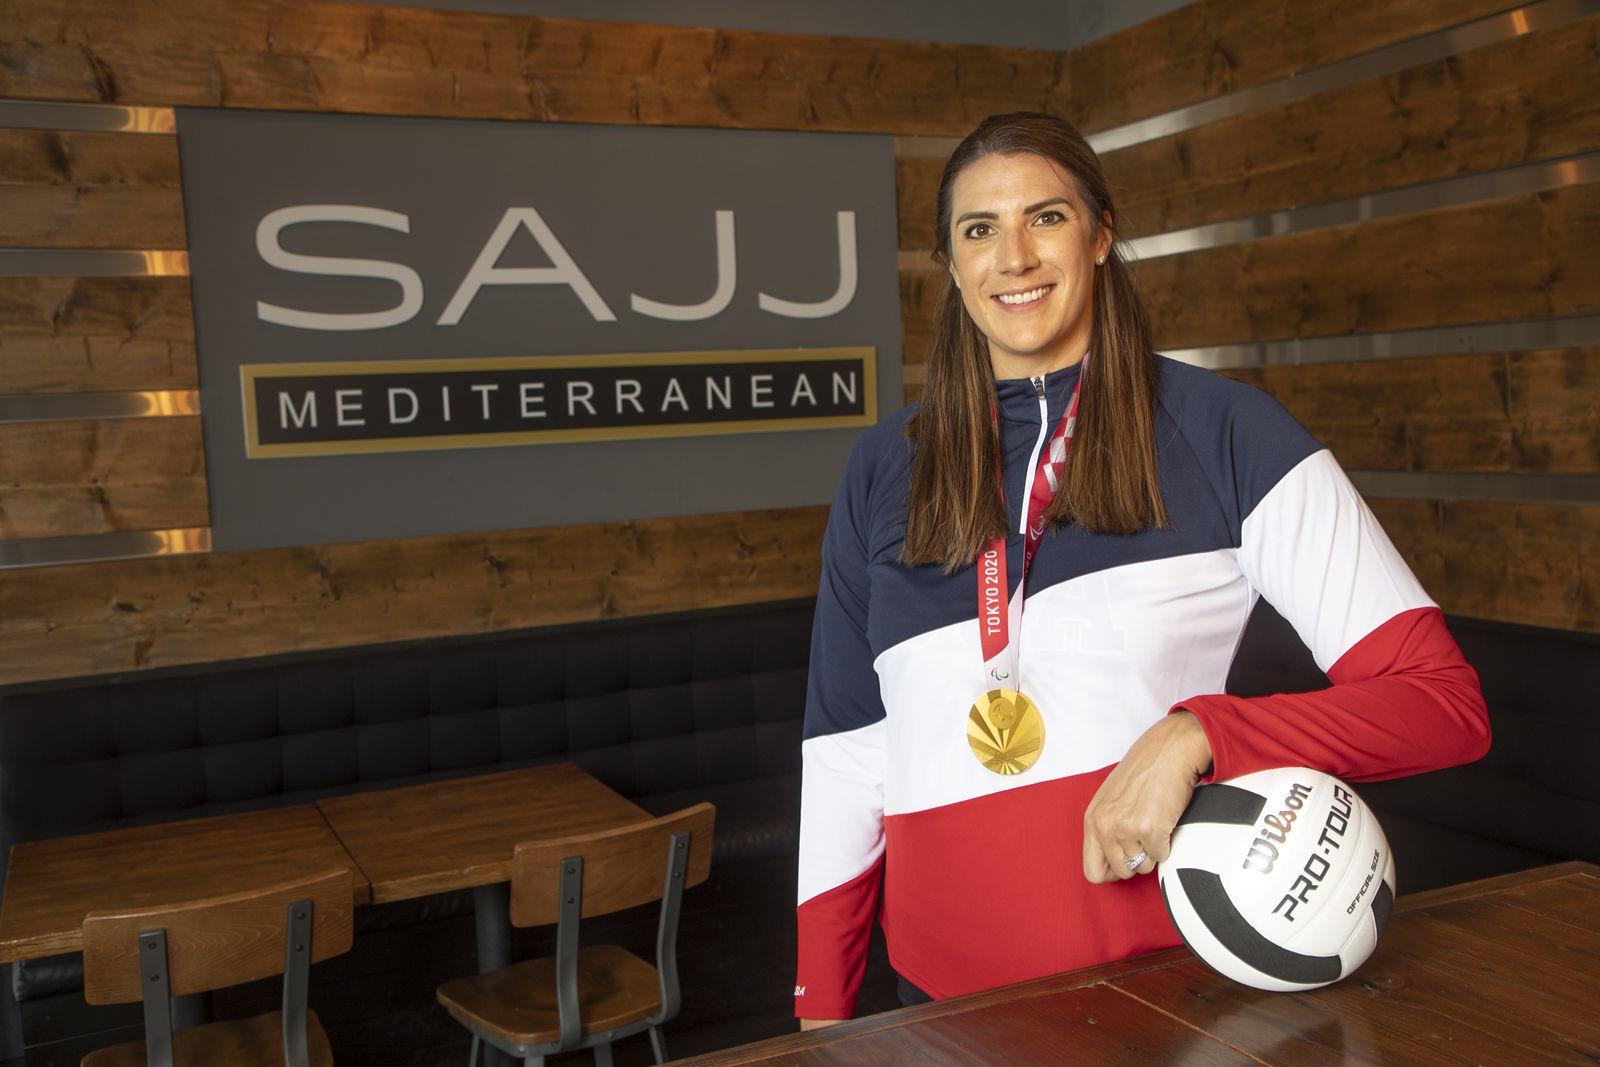 SAJJ Mediterranean a annoncé son nouveau partenariat avec Katie Holloway, médaillée d'or paralympique de Tokyo 2020, pour apporter son soutien au Riekes Center de Menlo Park, en Californie.